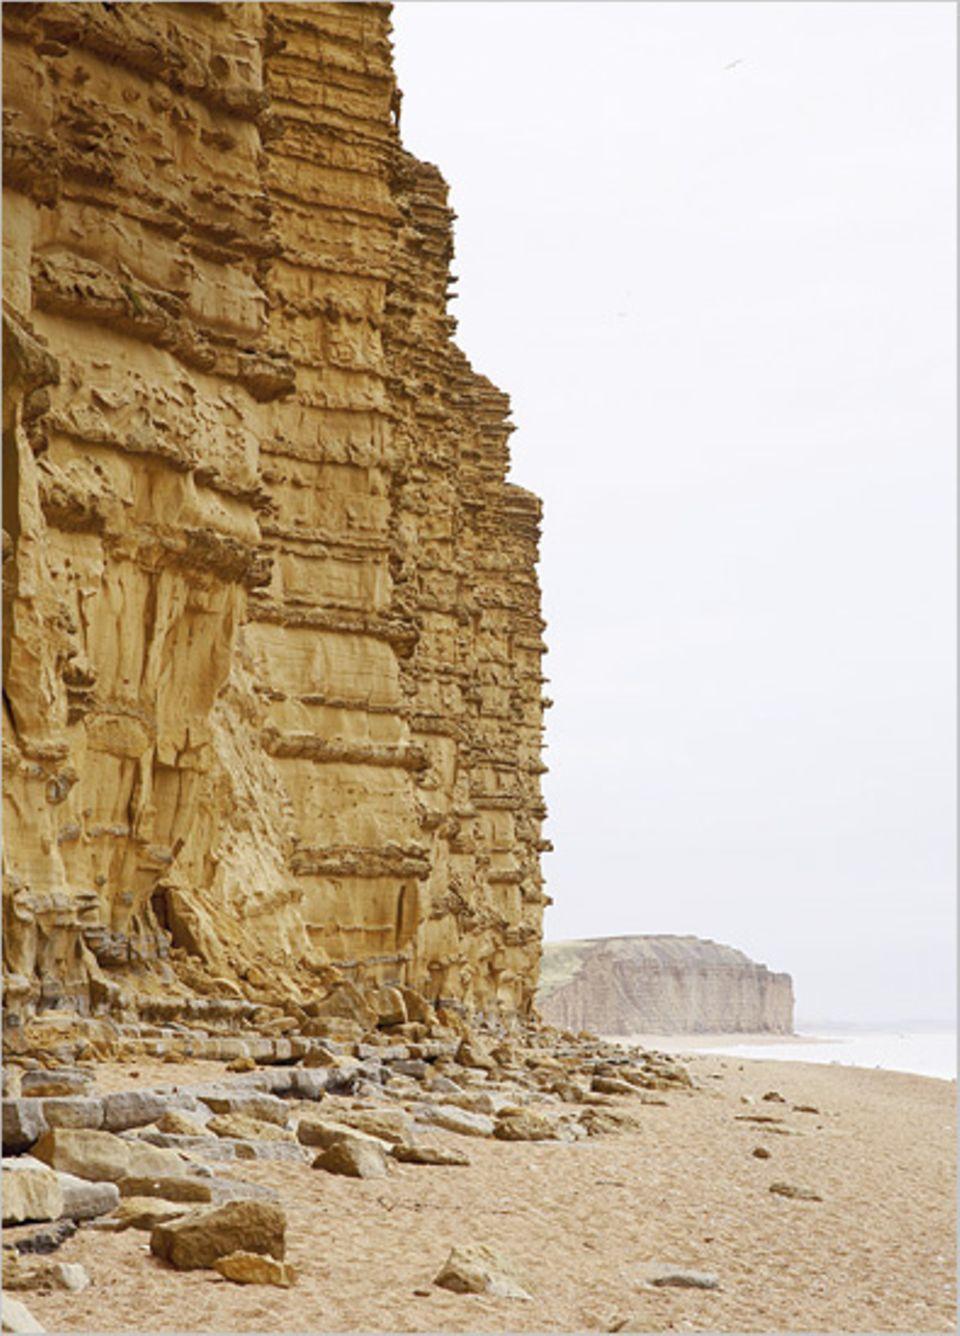 An den Klippen der West Bay studieren Geologen aus aller Welt die Spuren der Erdzeitalter